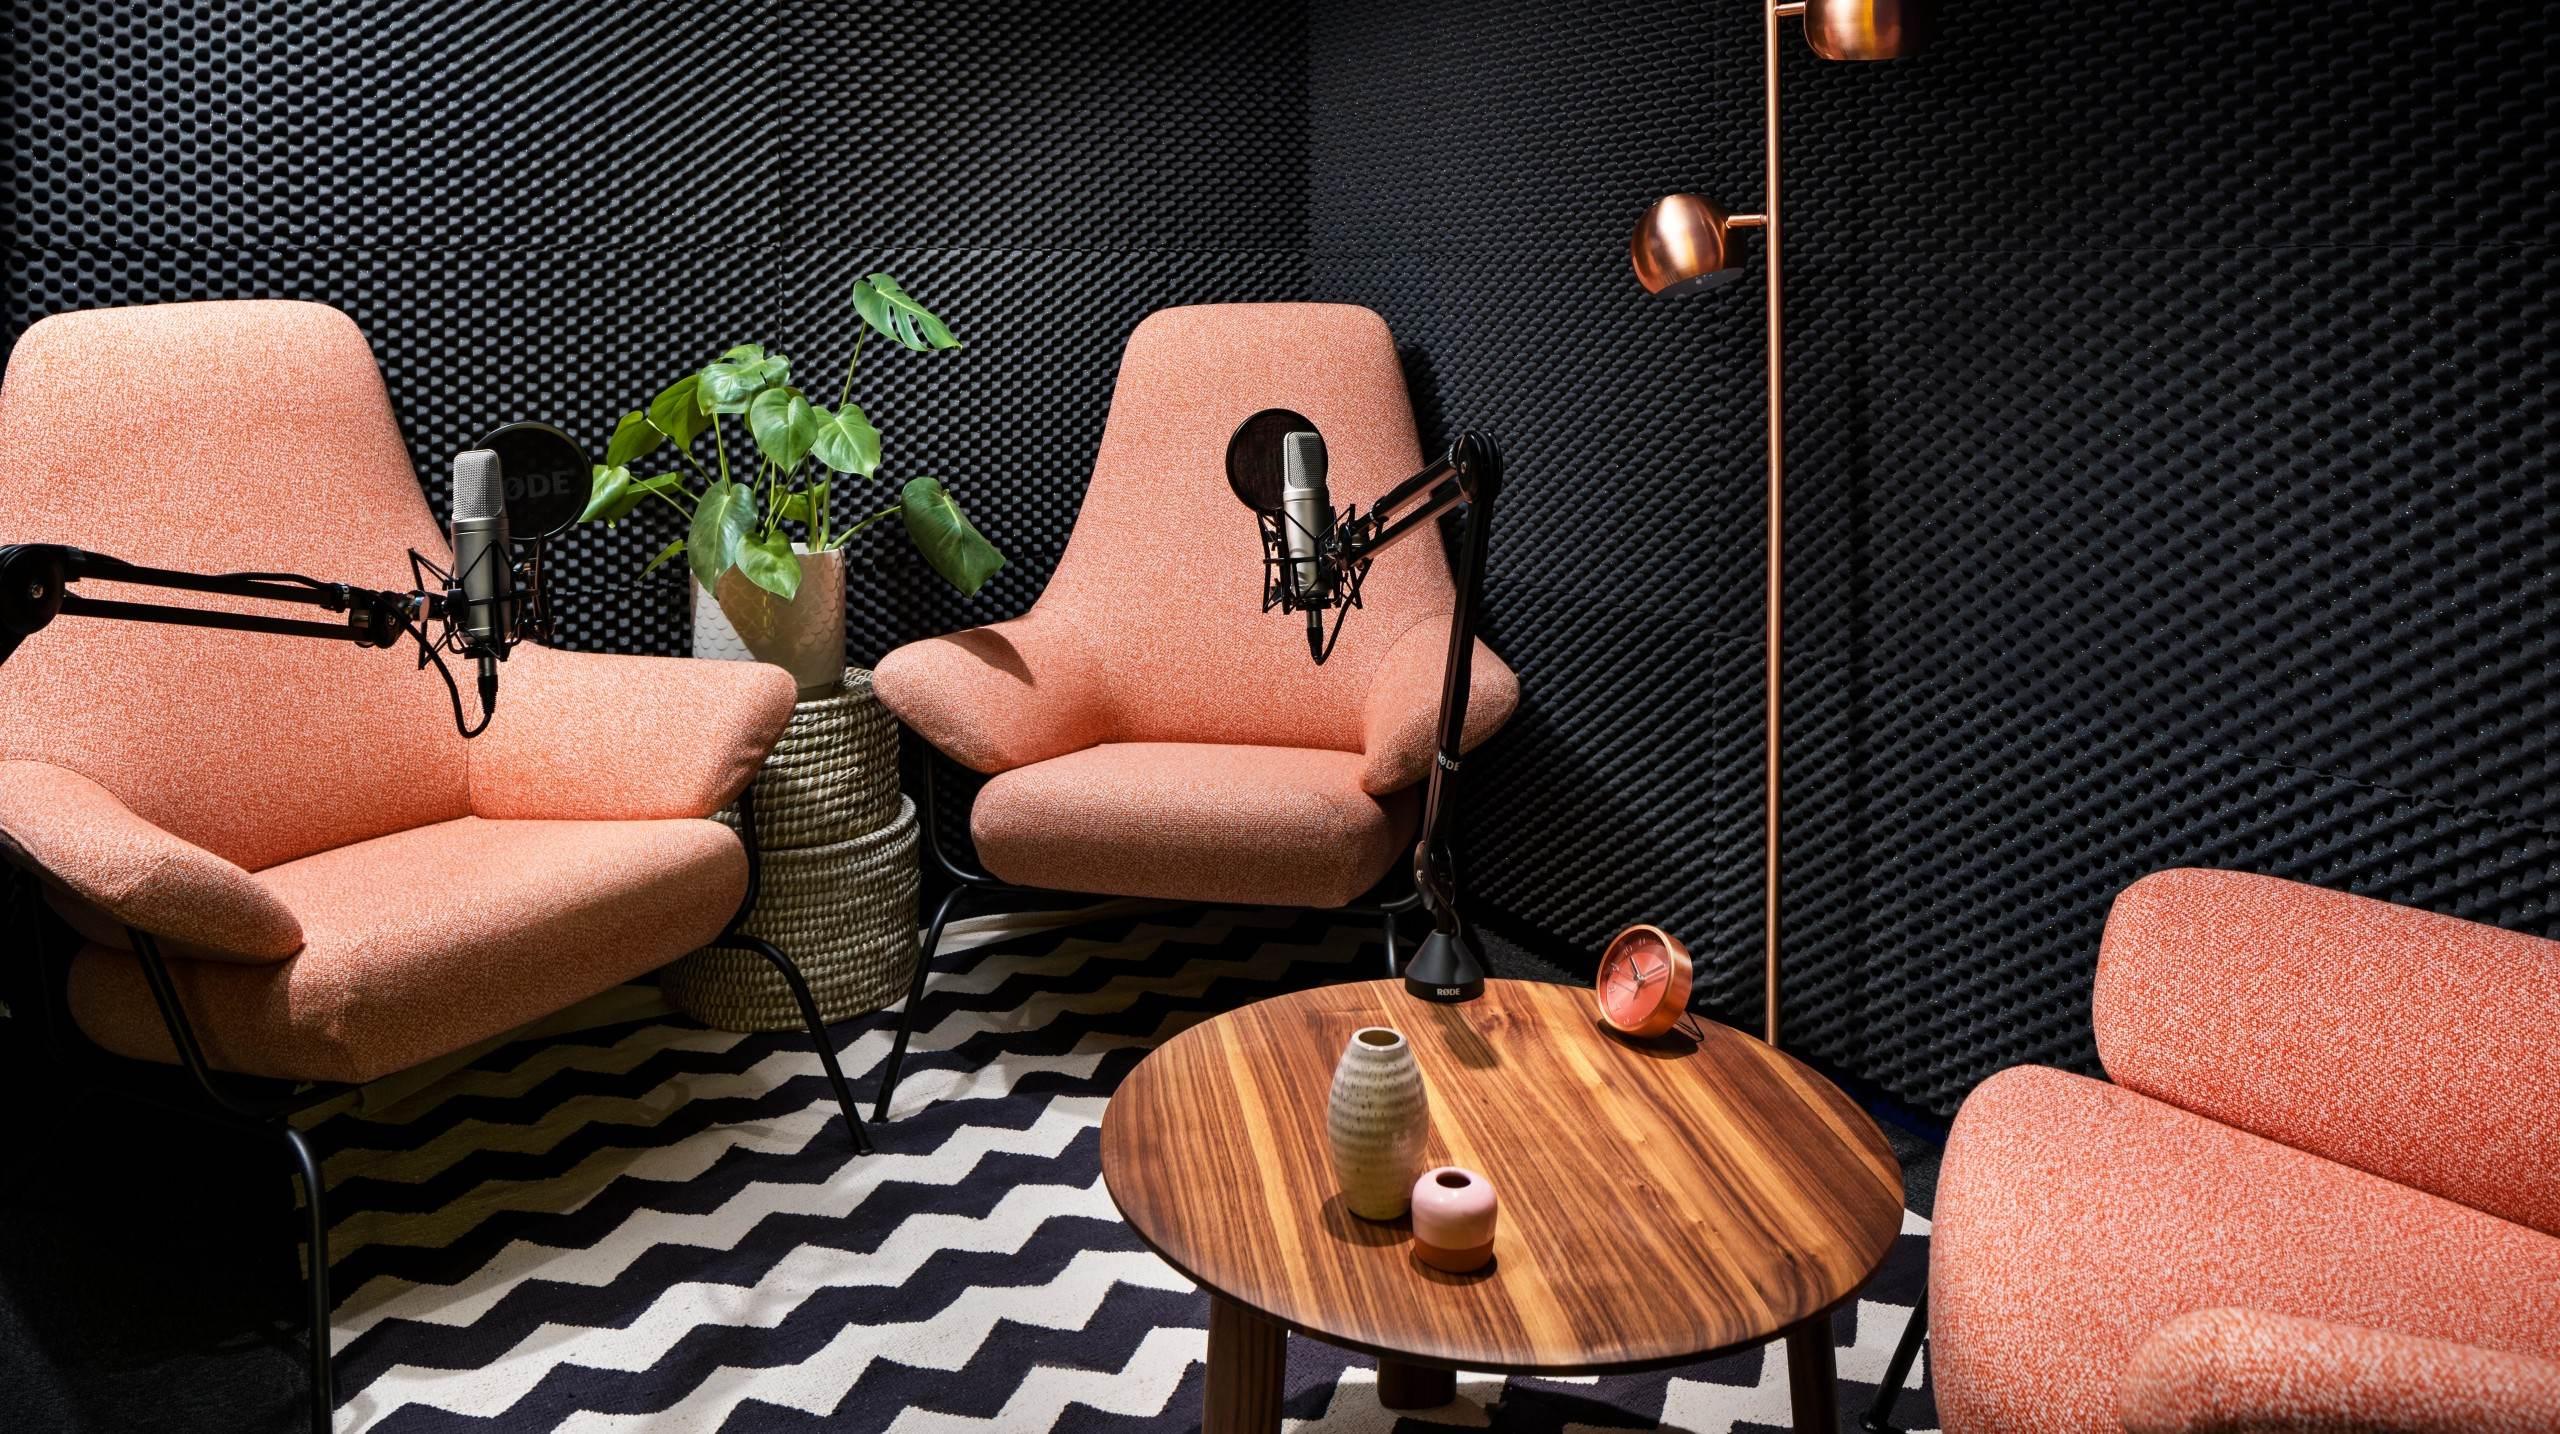 Podcast-studio i Helio Kungsholmen av Code Concept, fotograferat av arkitekturfotograf Mattias Hamrén.